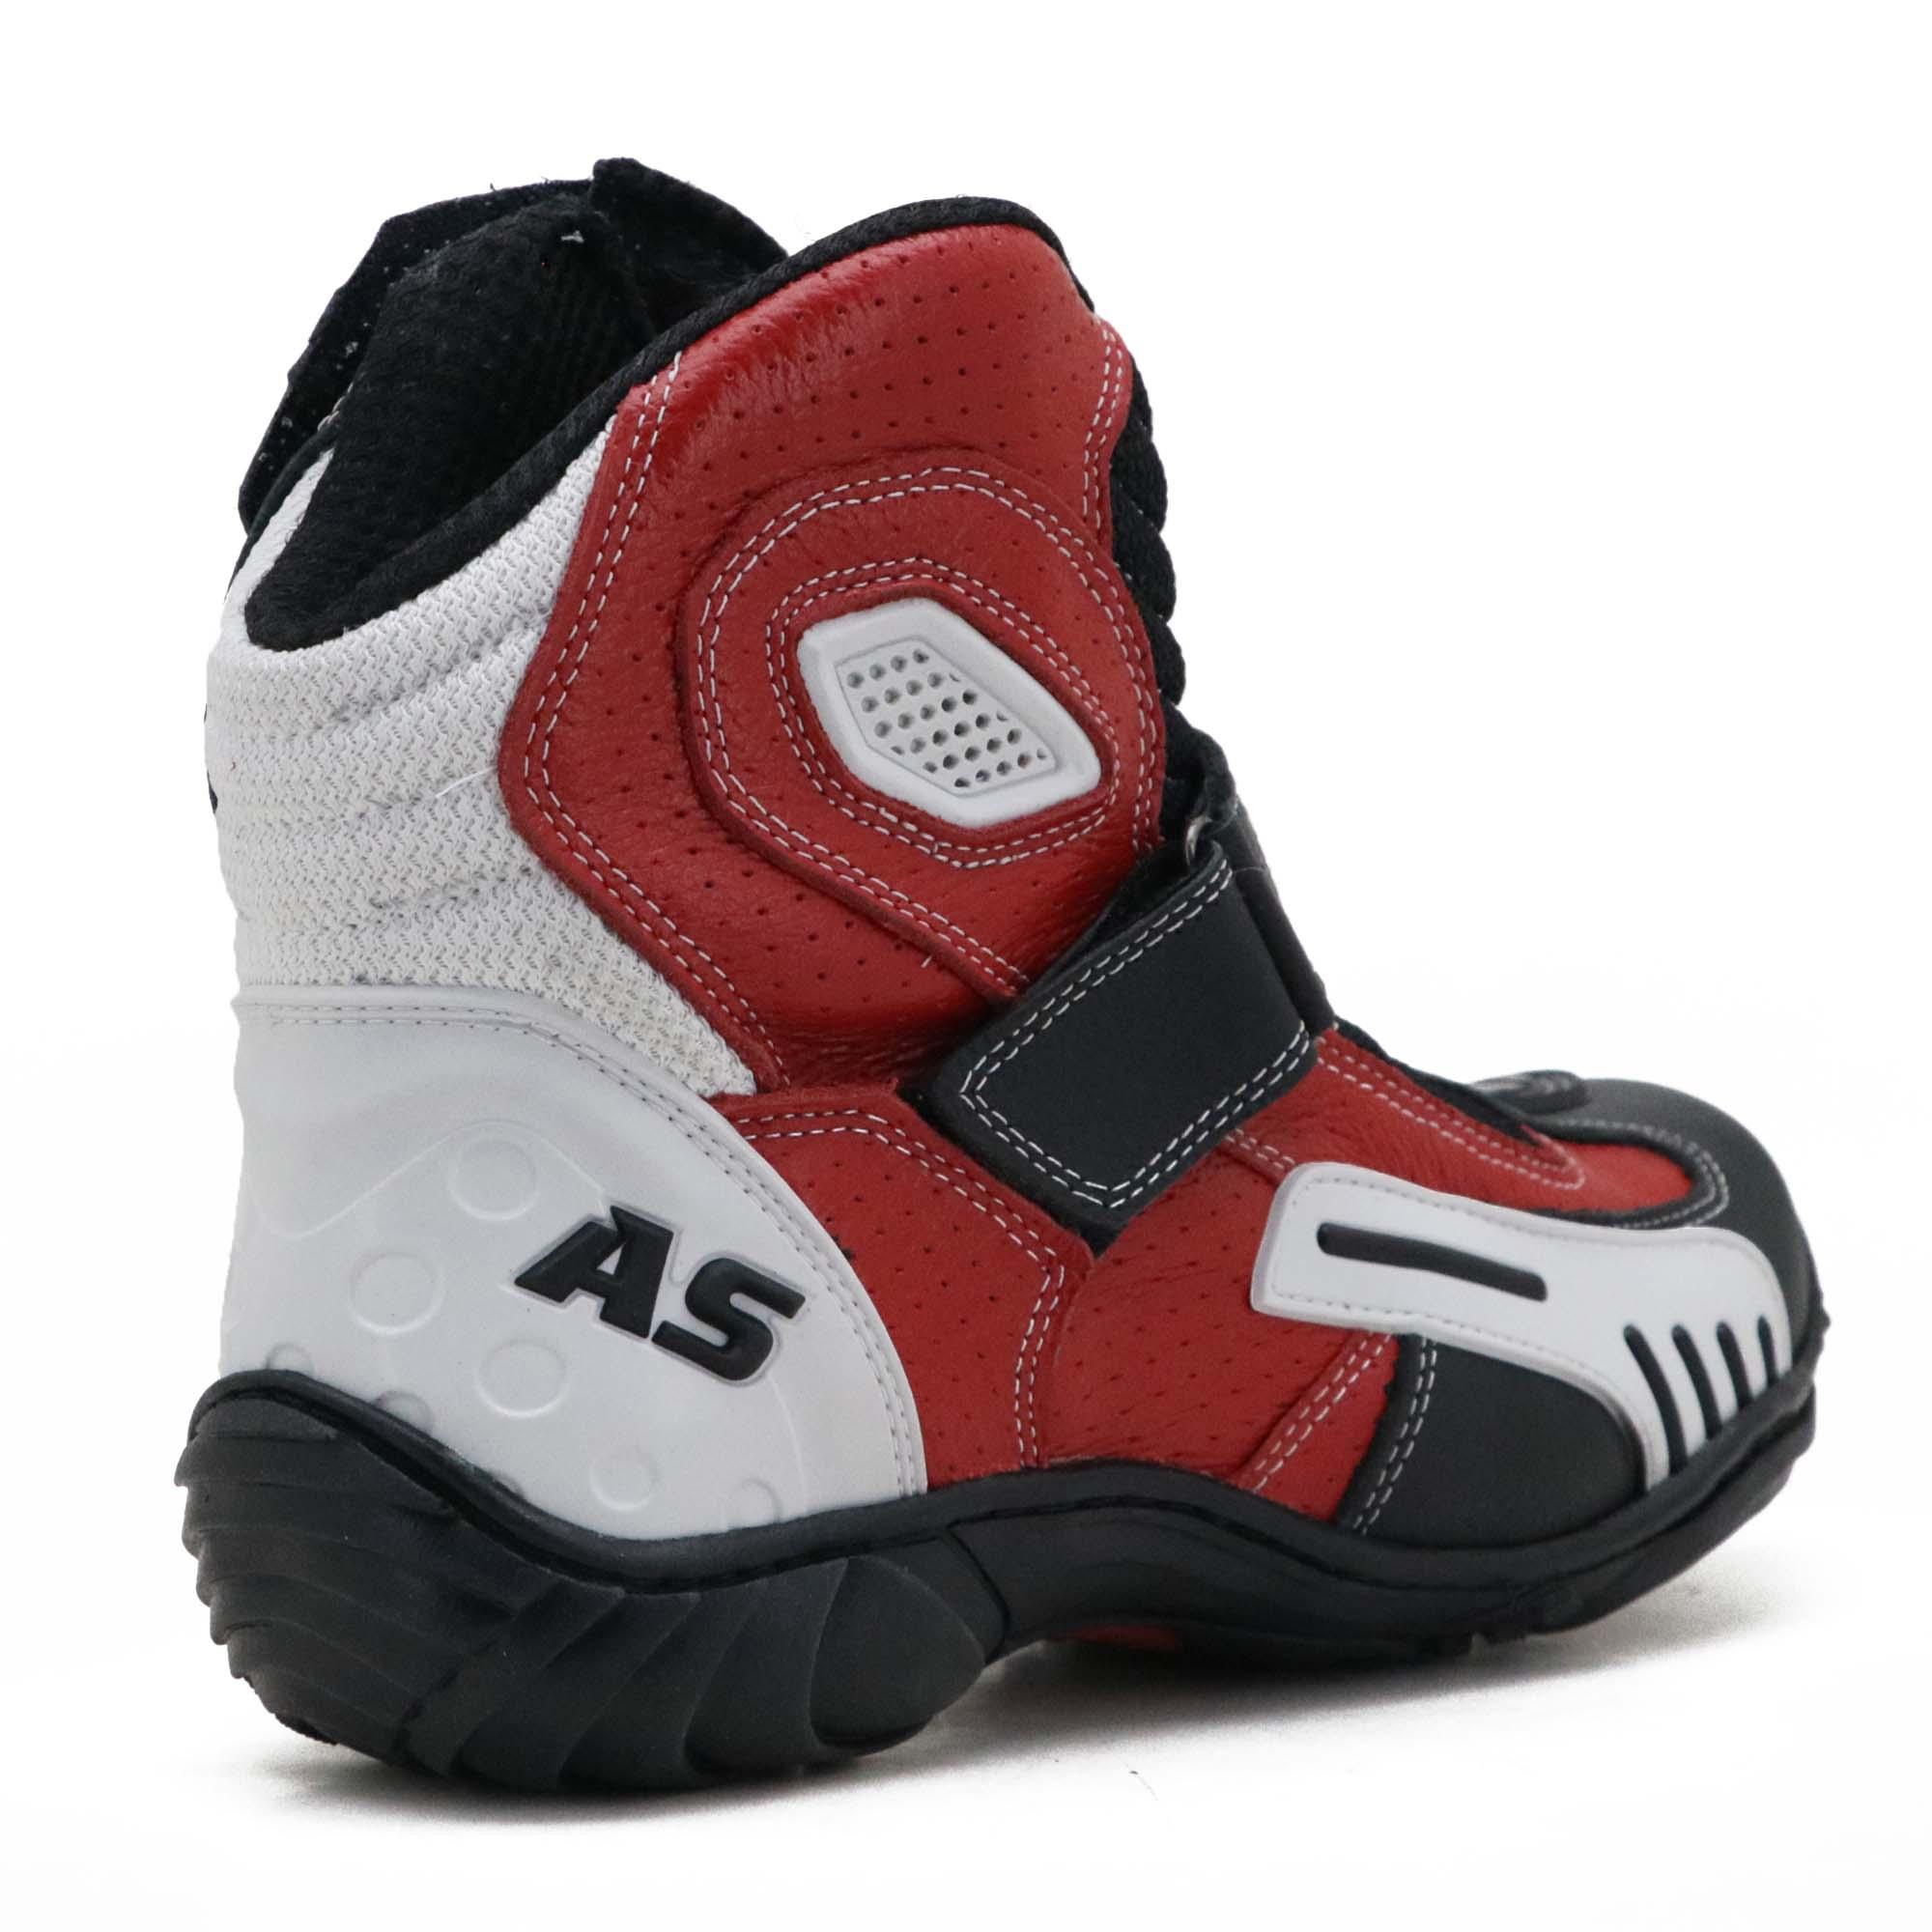 """Bota motociclista respirável """"vented boots em couro legítimo nas cores preto branco e vermelho 406"""